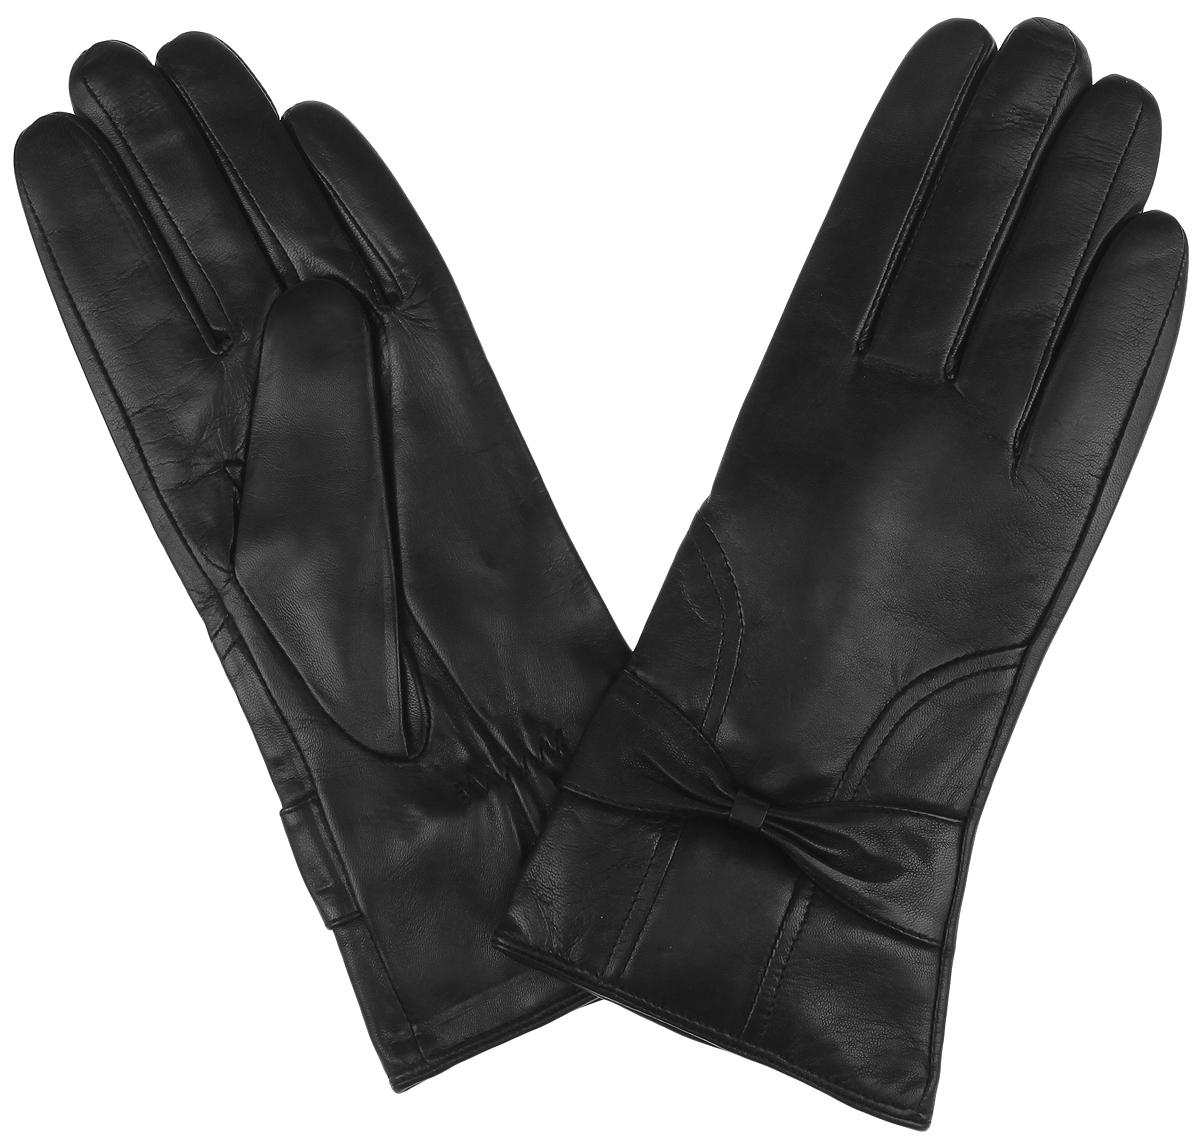 Перчатки женские. 9.129.12-1 blackСтильные женские перчатки Fabretti станут достойным элементом вашего стиля и сохранят тепло ваших рук. Перчатки выполнены из чрезвычайно мягкой эфиопской перчаточной кожи ягненка, а их подкладка - из шерсти с добавлением кашемира. С лицевой стороны манжеты оформлены прострочкой и декоративными бантиками. Тыльная сторона оснащена резинкой для оптимальной посадки модели на руке. Создайте элегантный образ и подчеркните свою яркую индивидуальность новым аксессуаром!